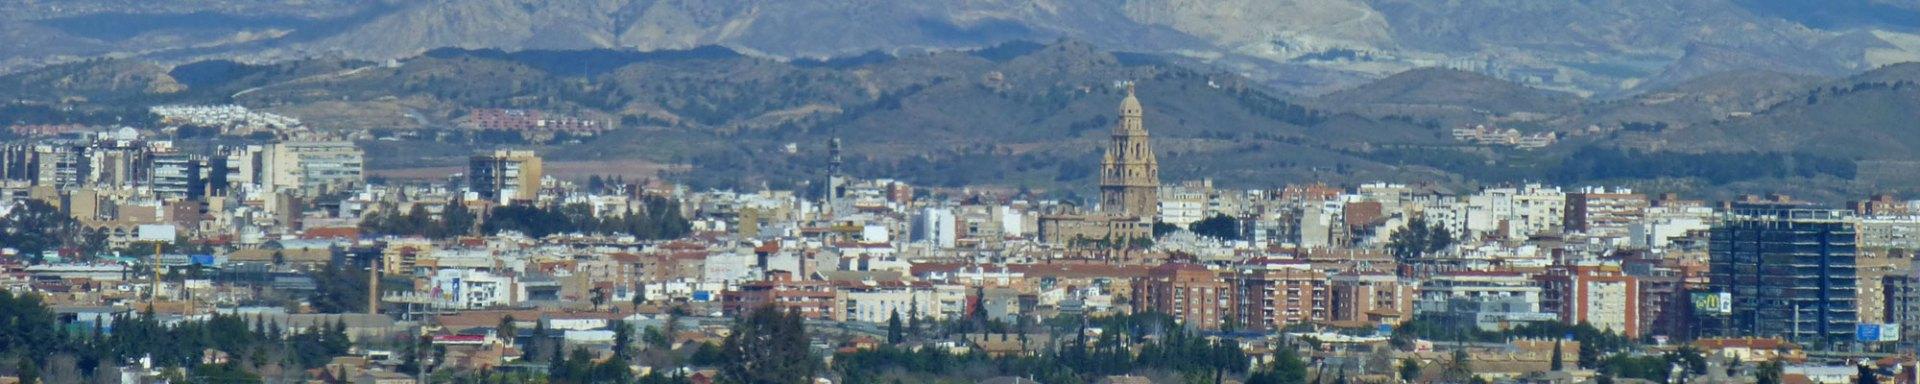 Guía turística con toda la información necesaria para visitar Murcia